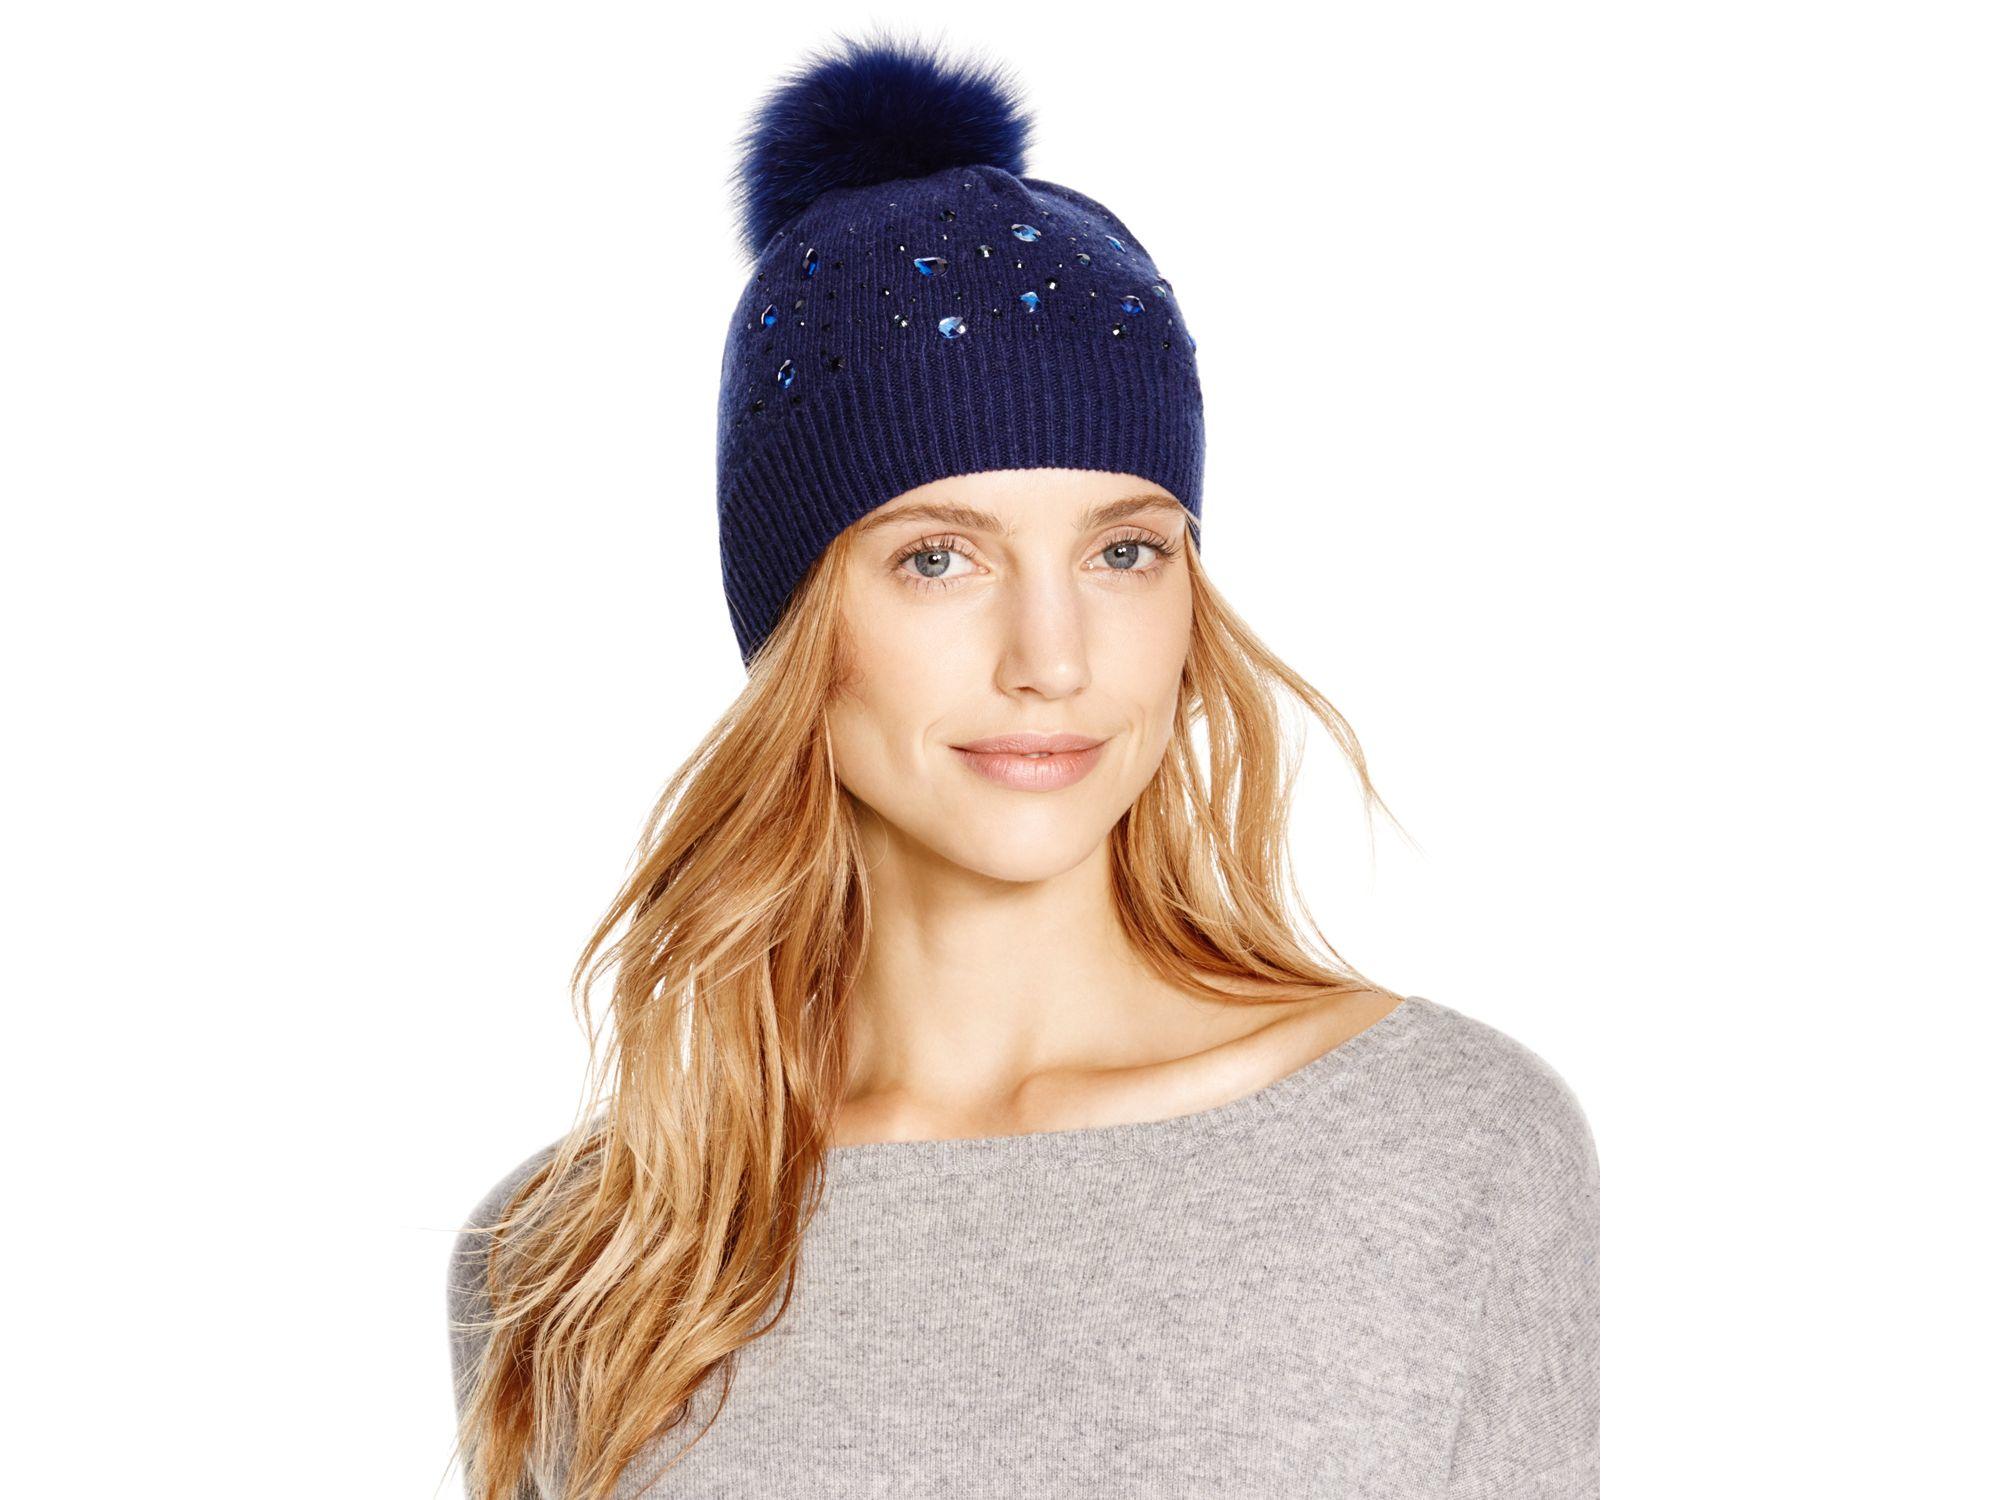 ee5594934b6 Lyst - Aqua Beaded Slouchy Hat With Fox Fur Pom-pom in Blue